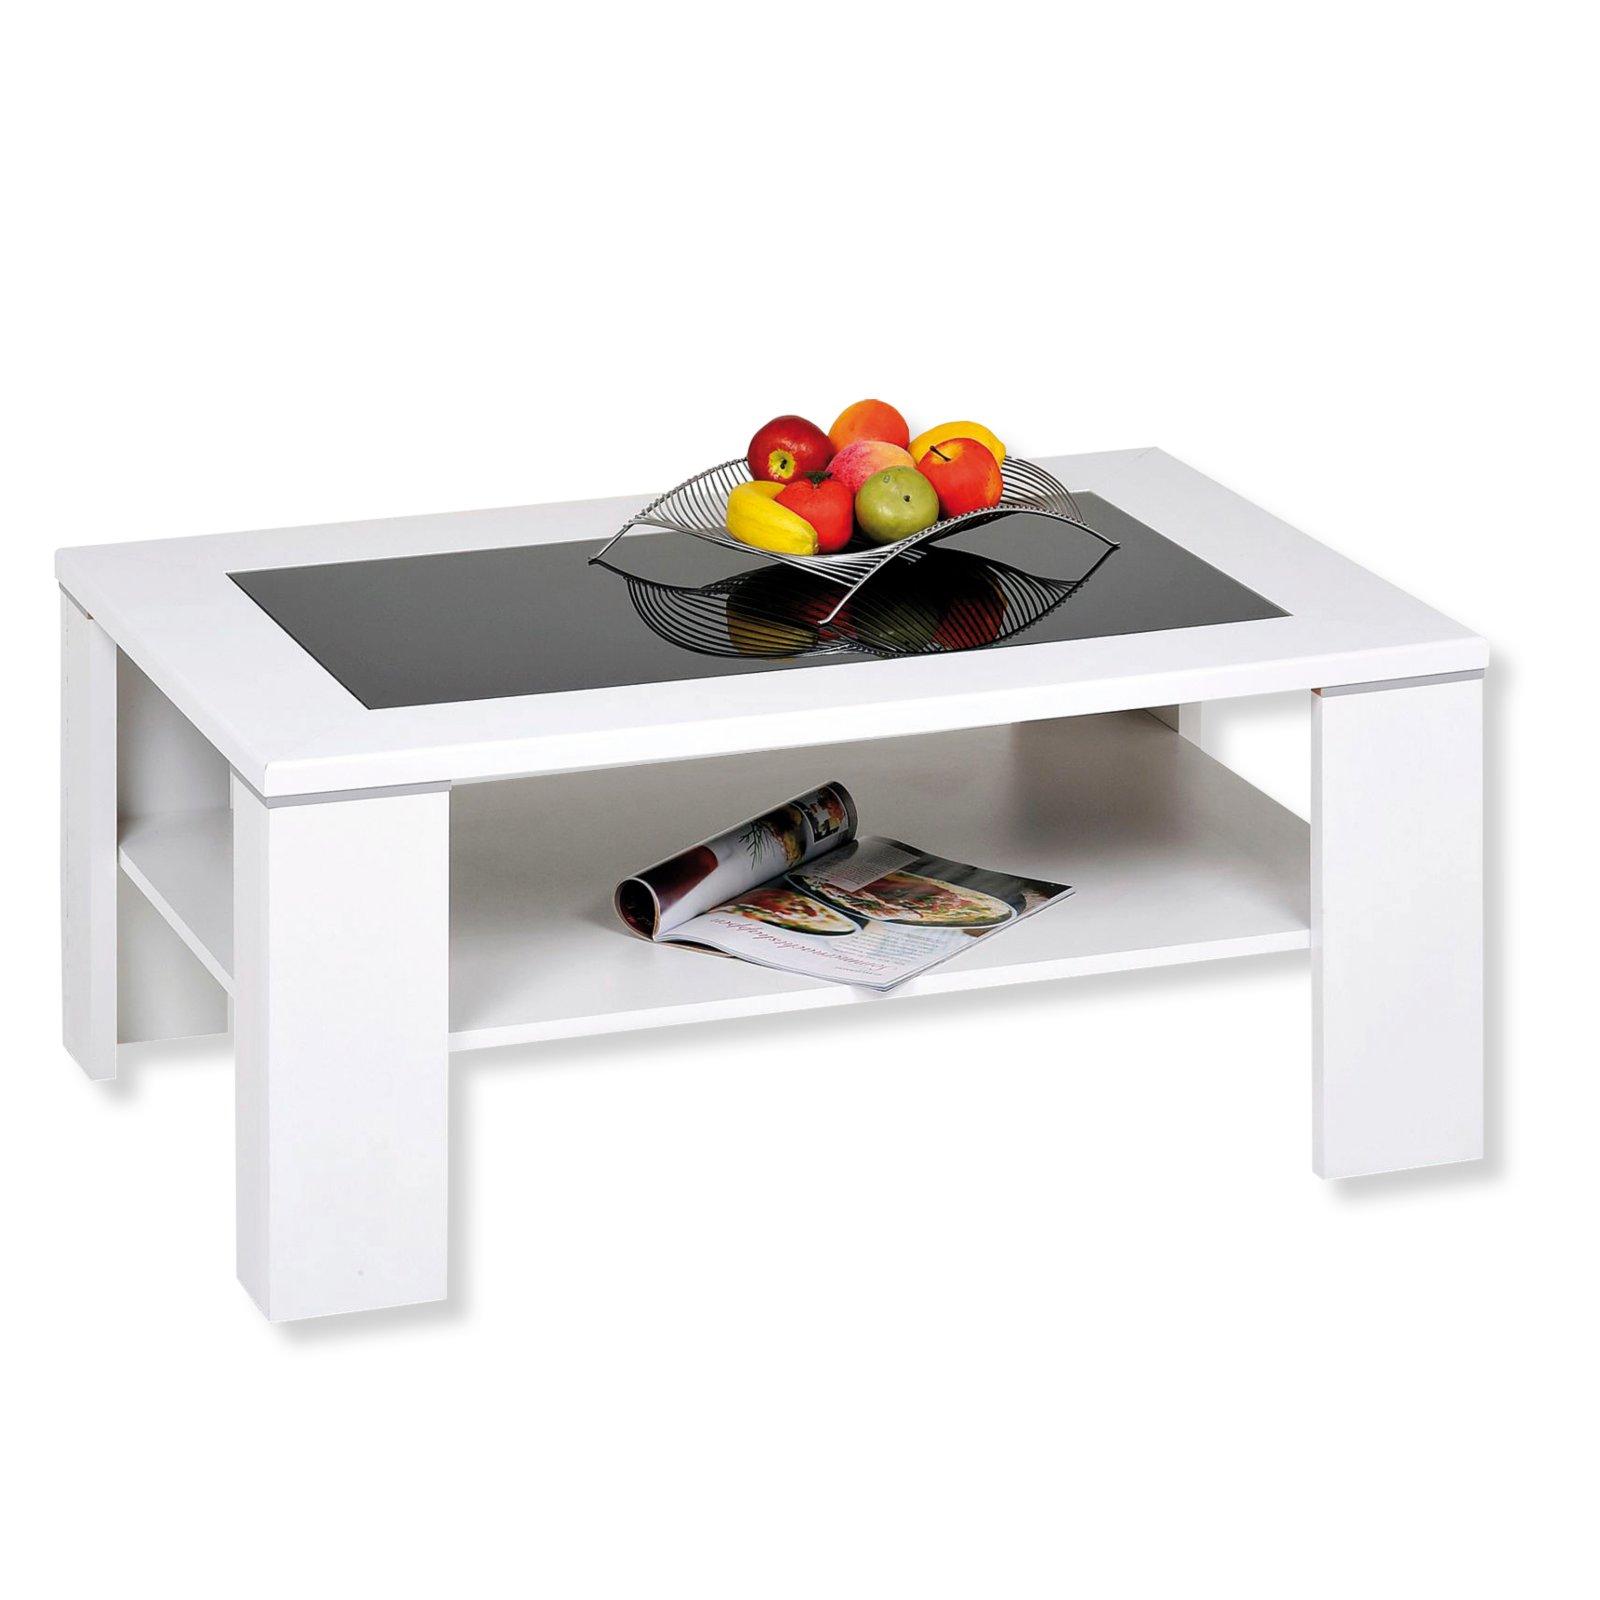 couchtisch santos wei glaseinlage 100x65 cm. Black Bedroom Furniture Sets. Home Design Ideas